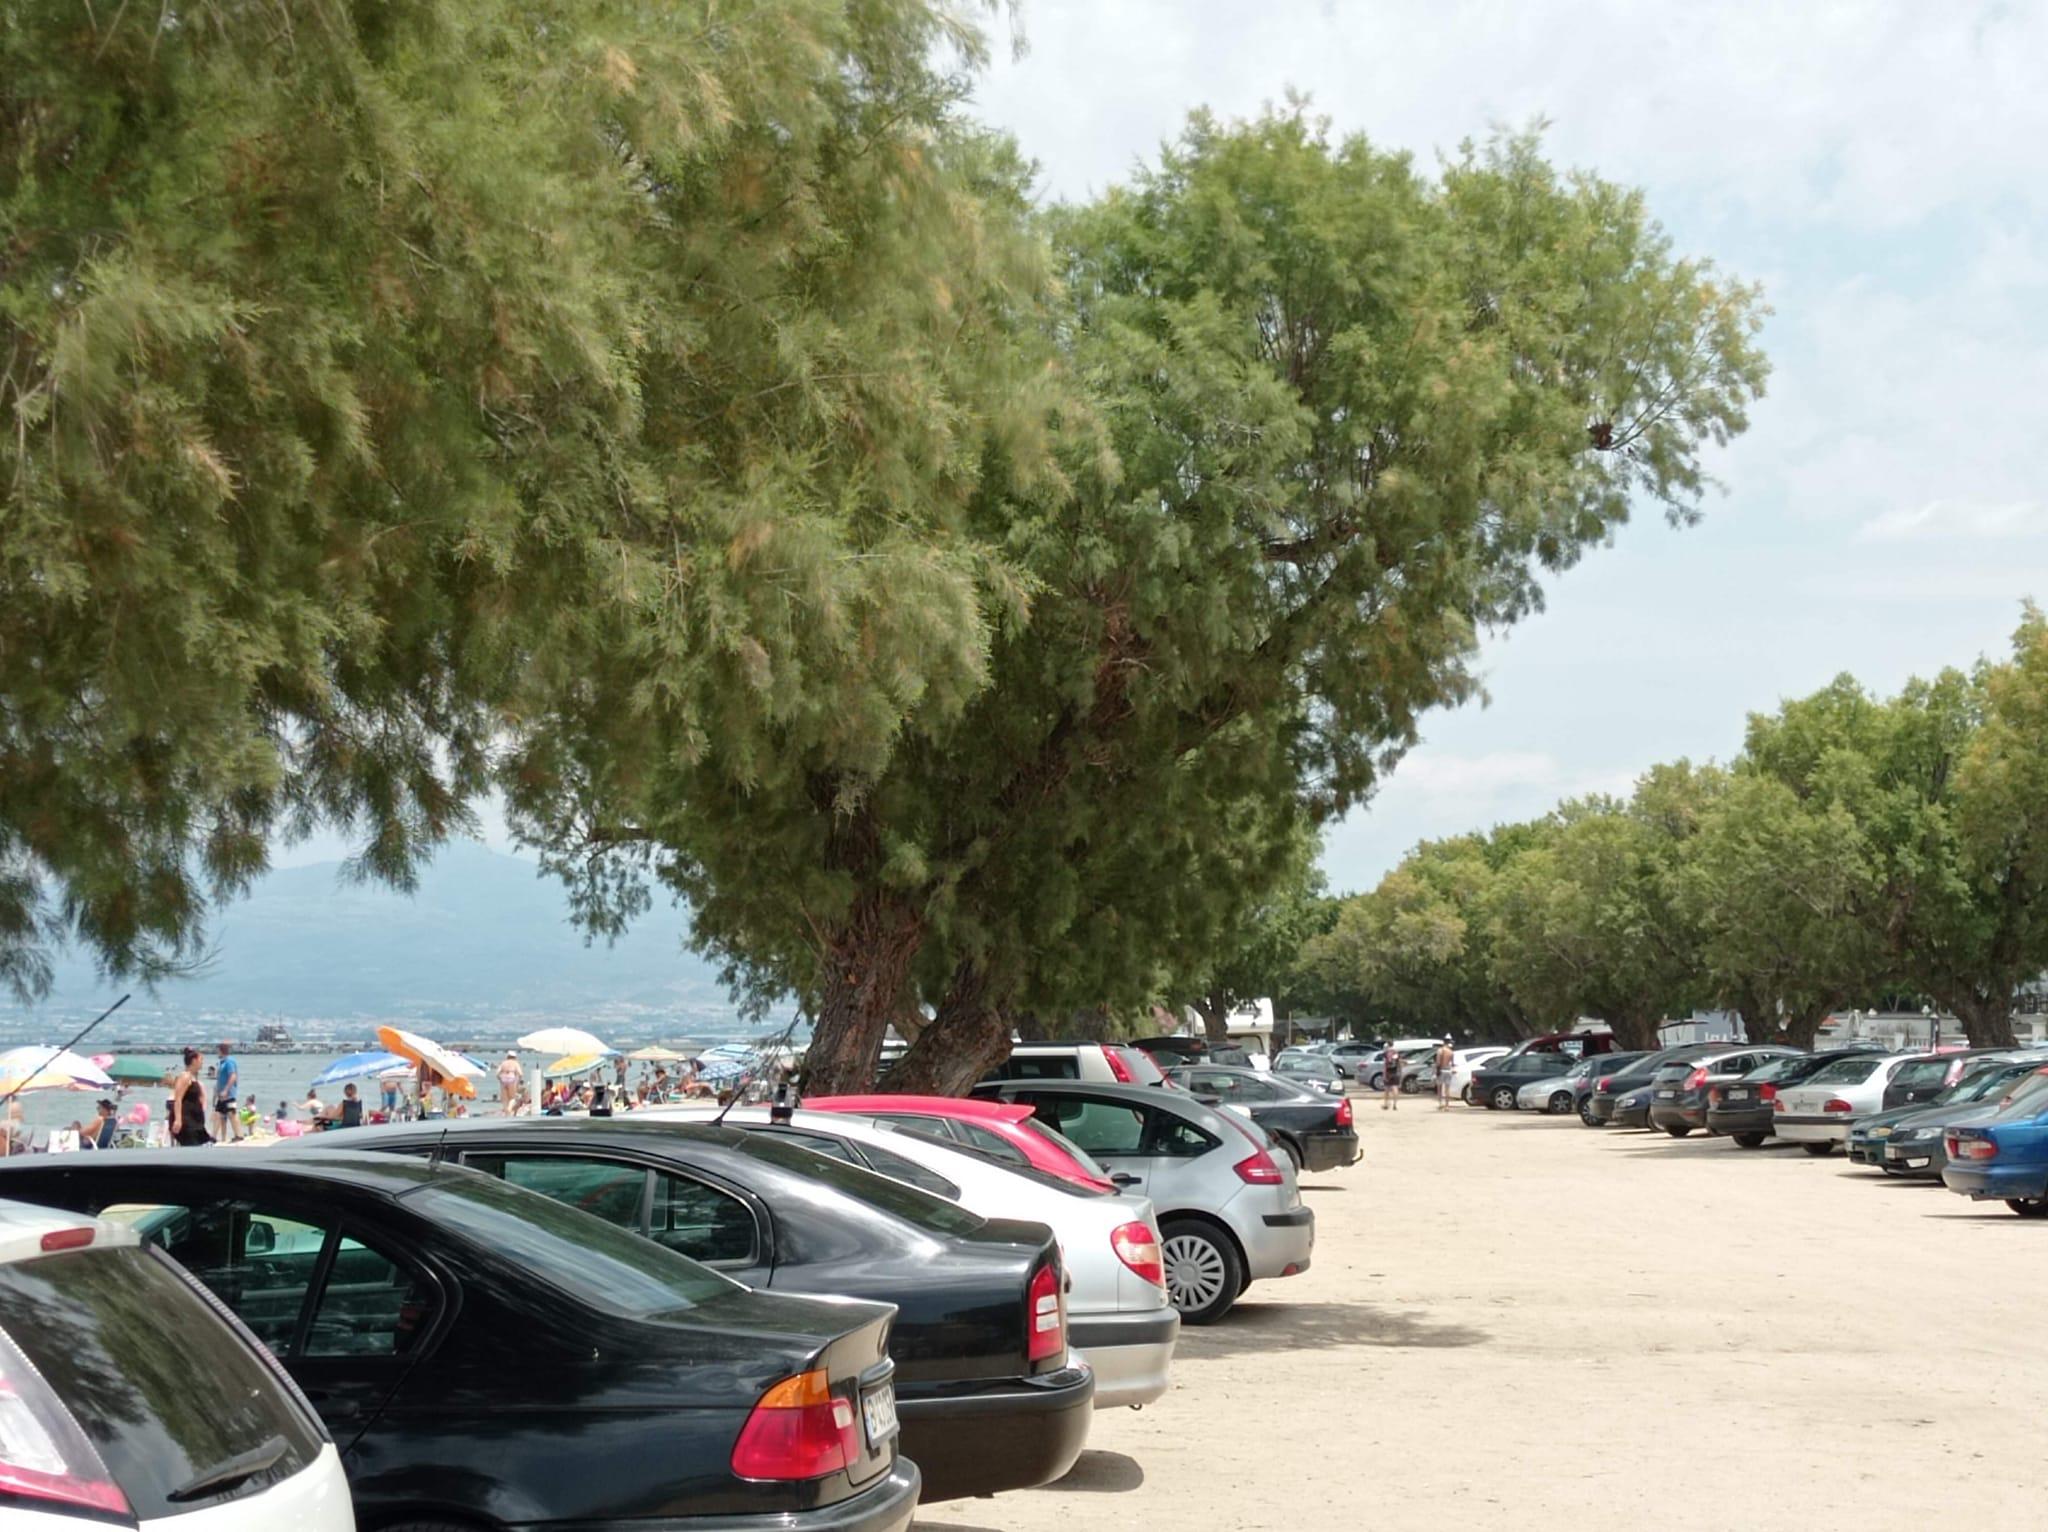 Πολύς κόσμος στις παραλίες του Θερμαϊκού, κίνηση στην επιστροφή